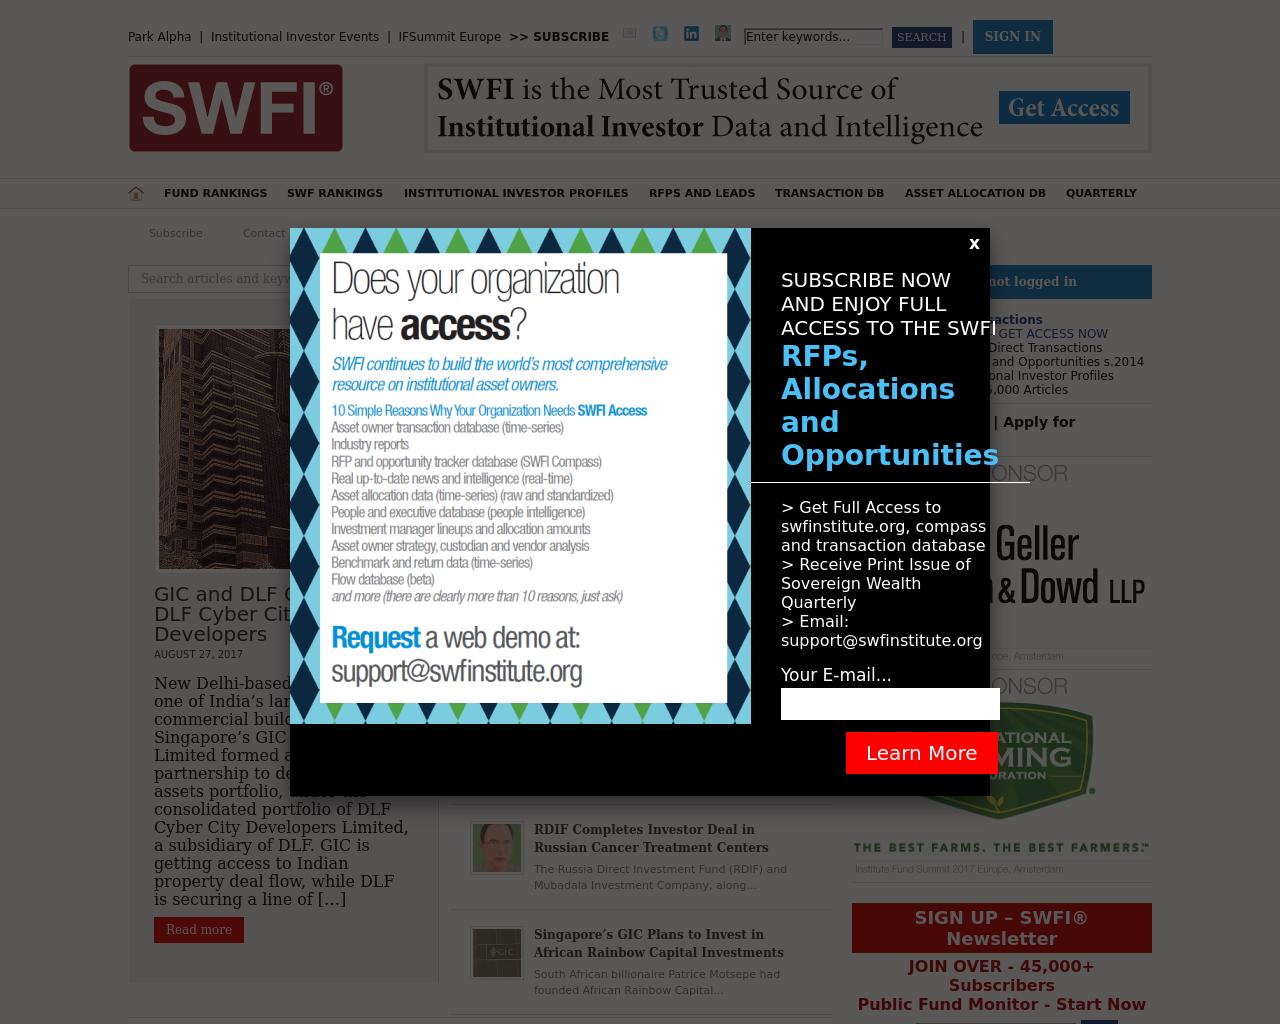 SWFI-Advertising-Reviews-Pricing